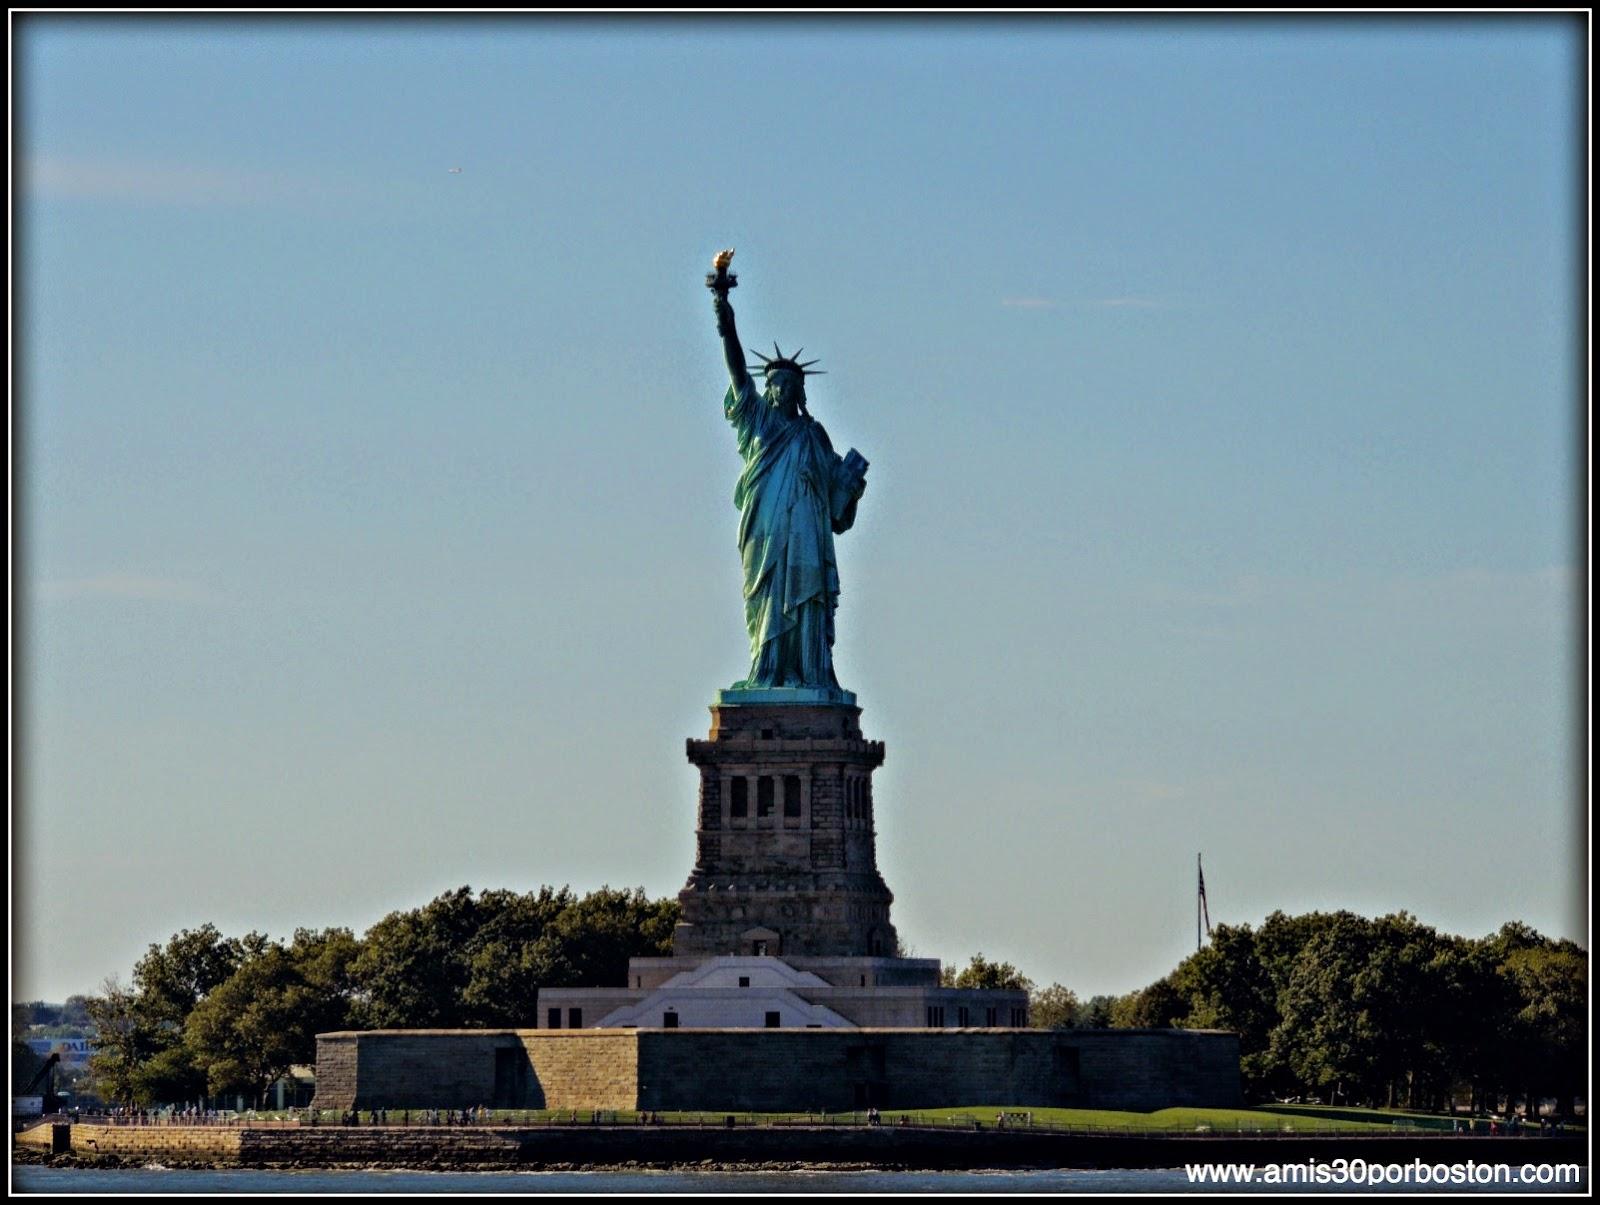 Segunda Visita a Nueva York: Estatua de la Libertad